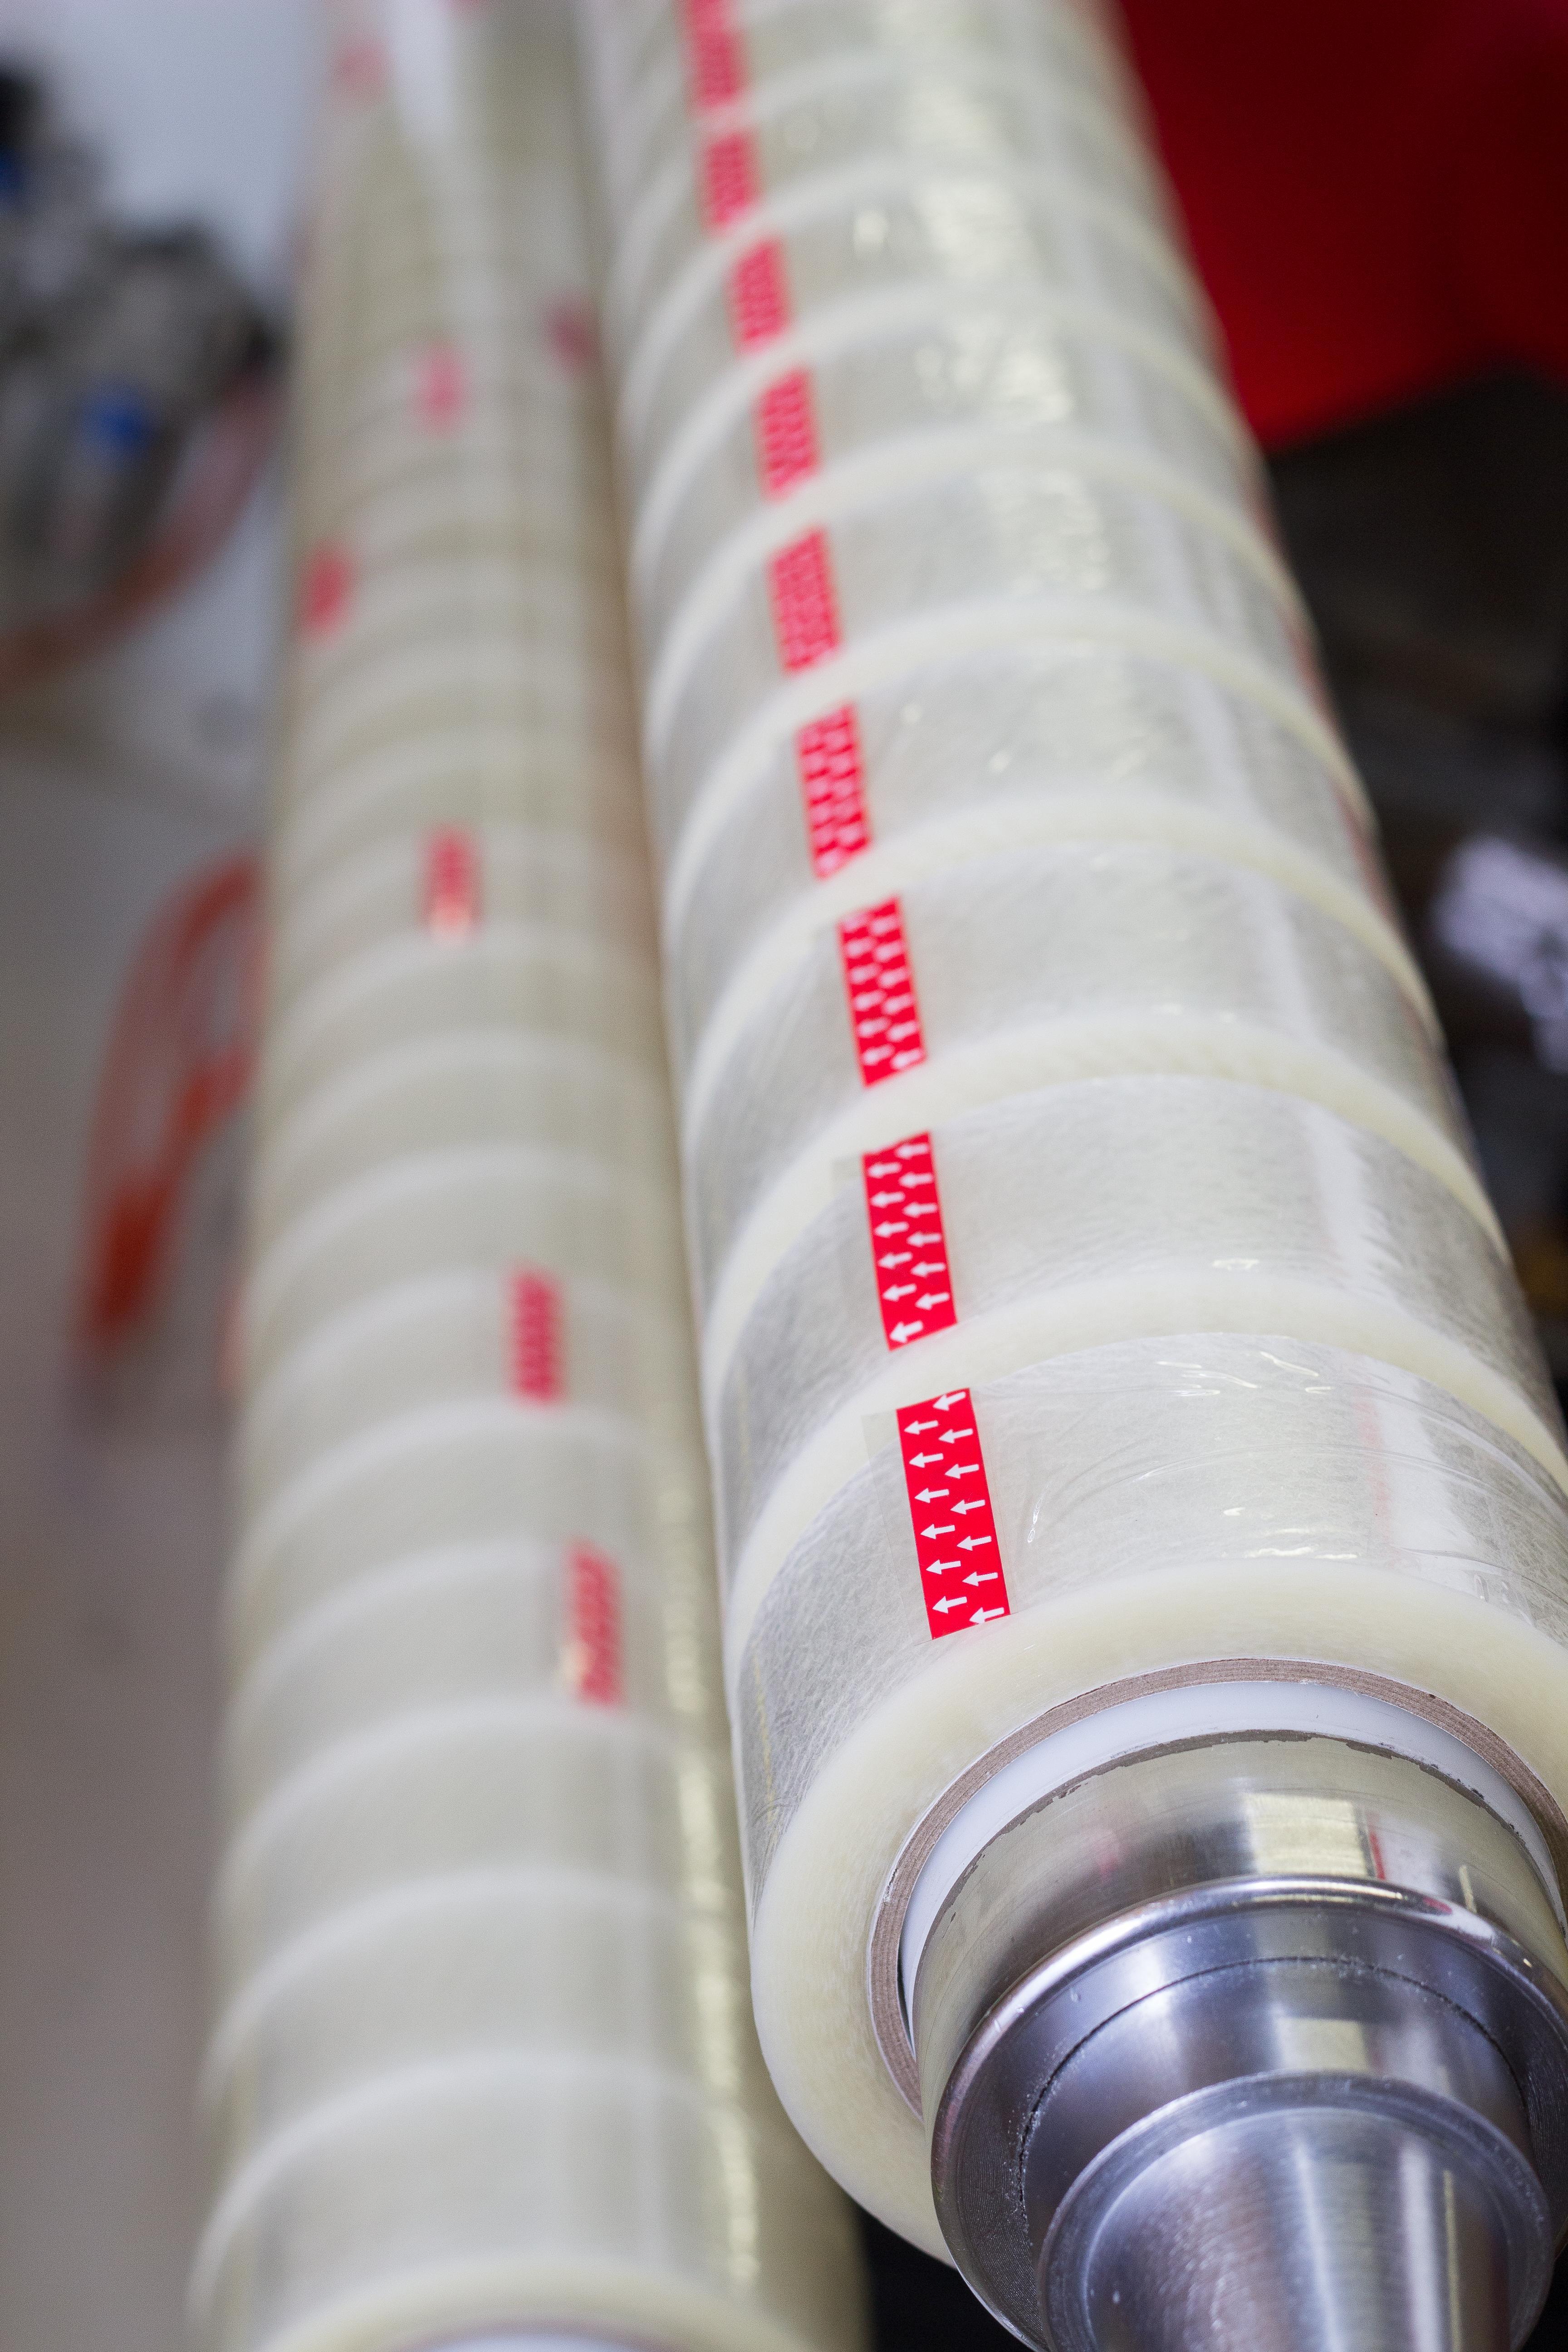 Dosiersysteme für kontinuierliche Verfahren in der Klebstoffproduktion